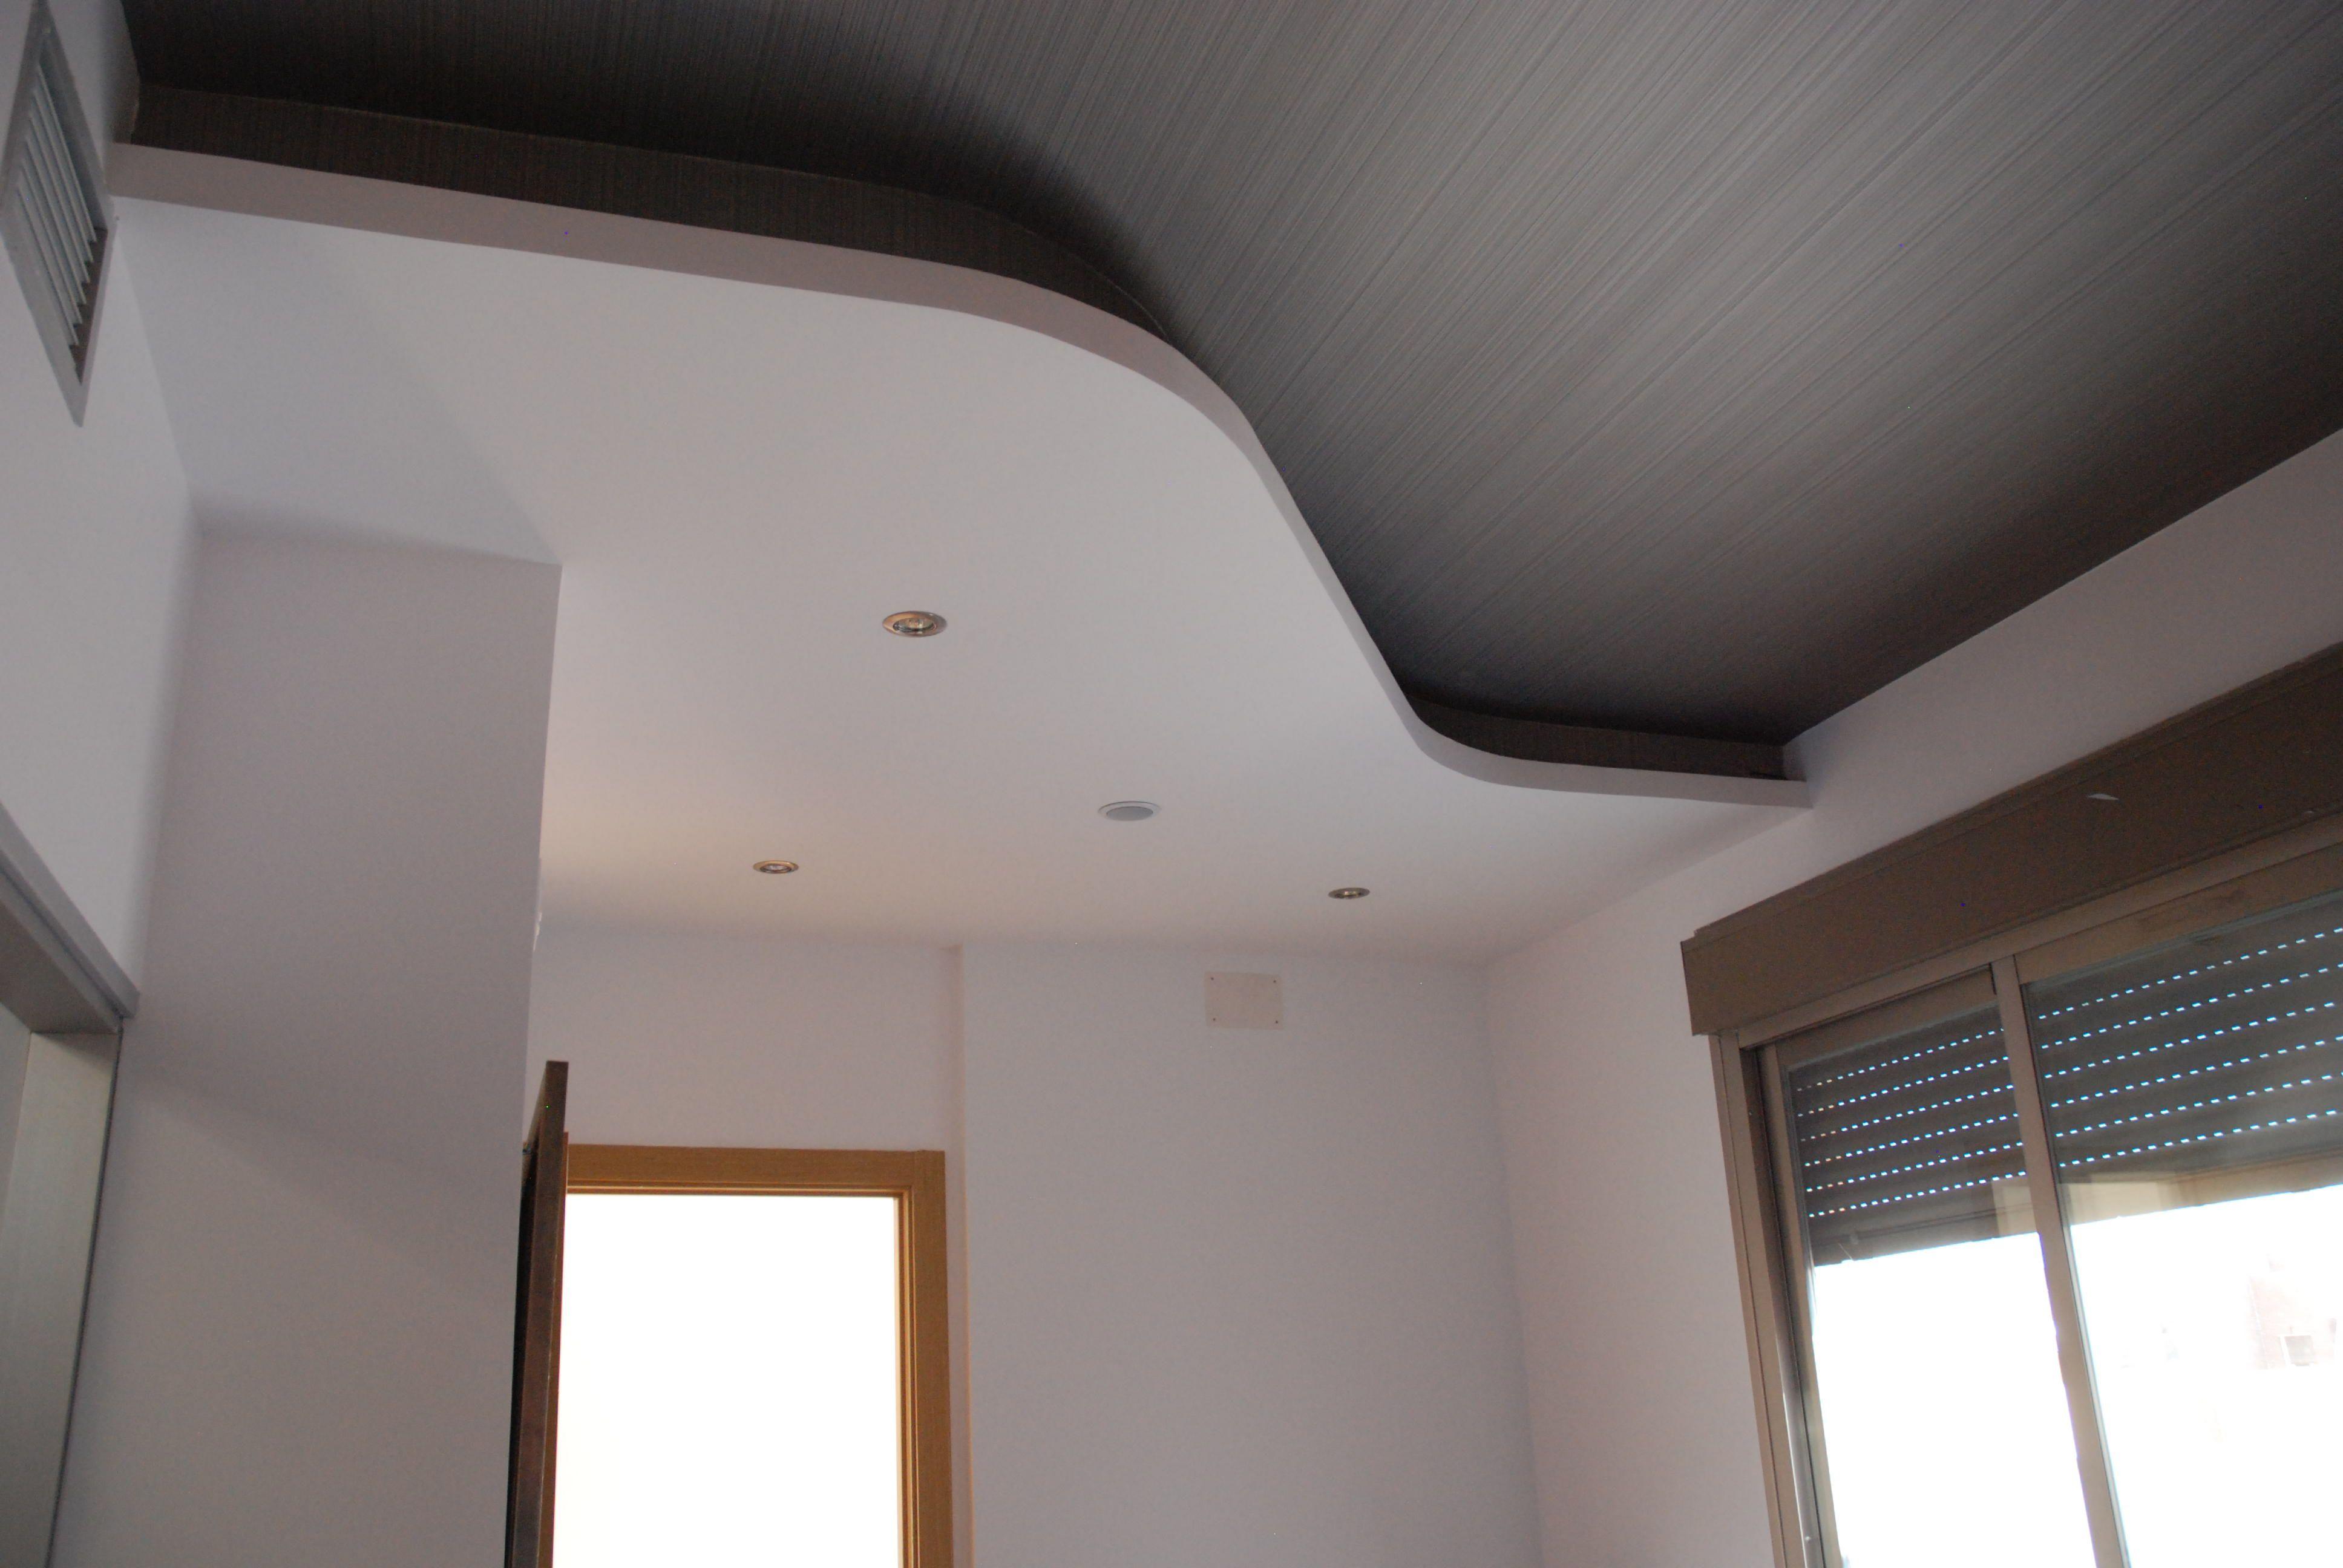 Generación de falso techo a dos alturas con foseado para iluminación ...